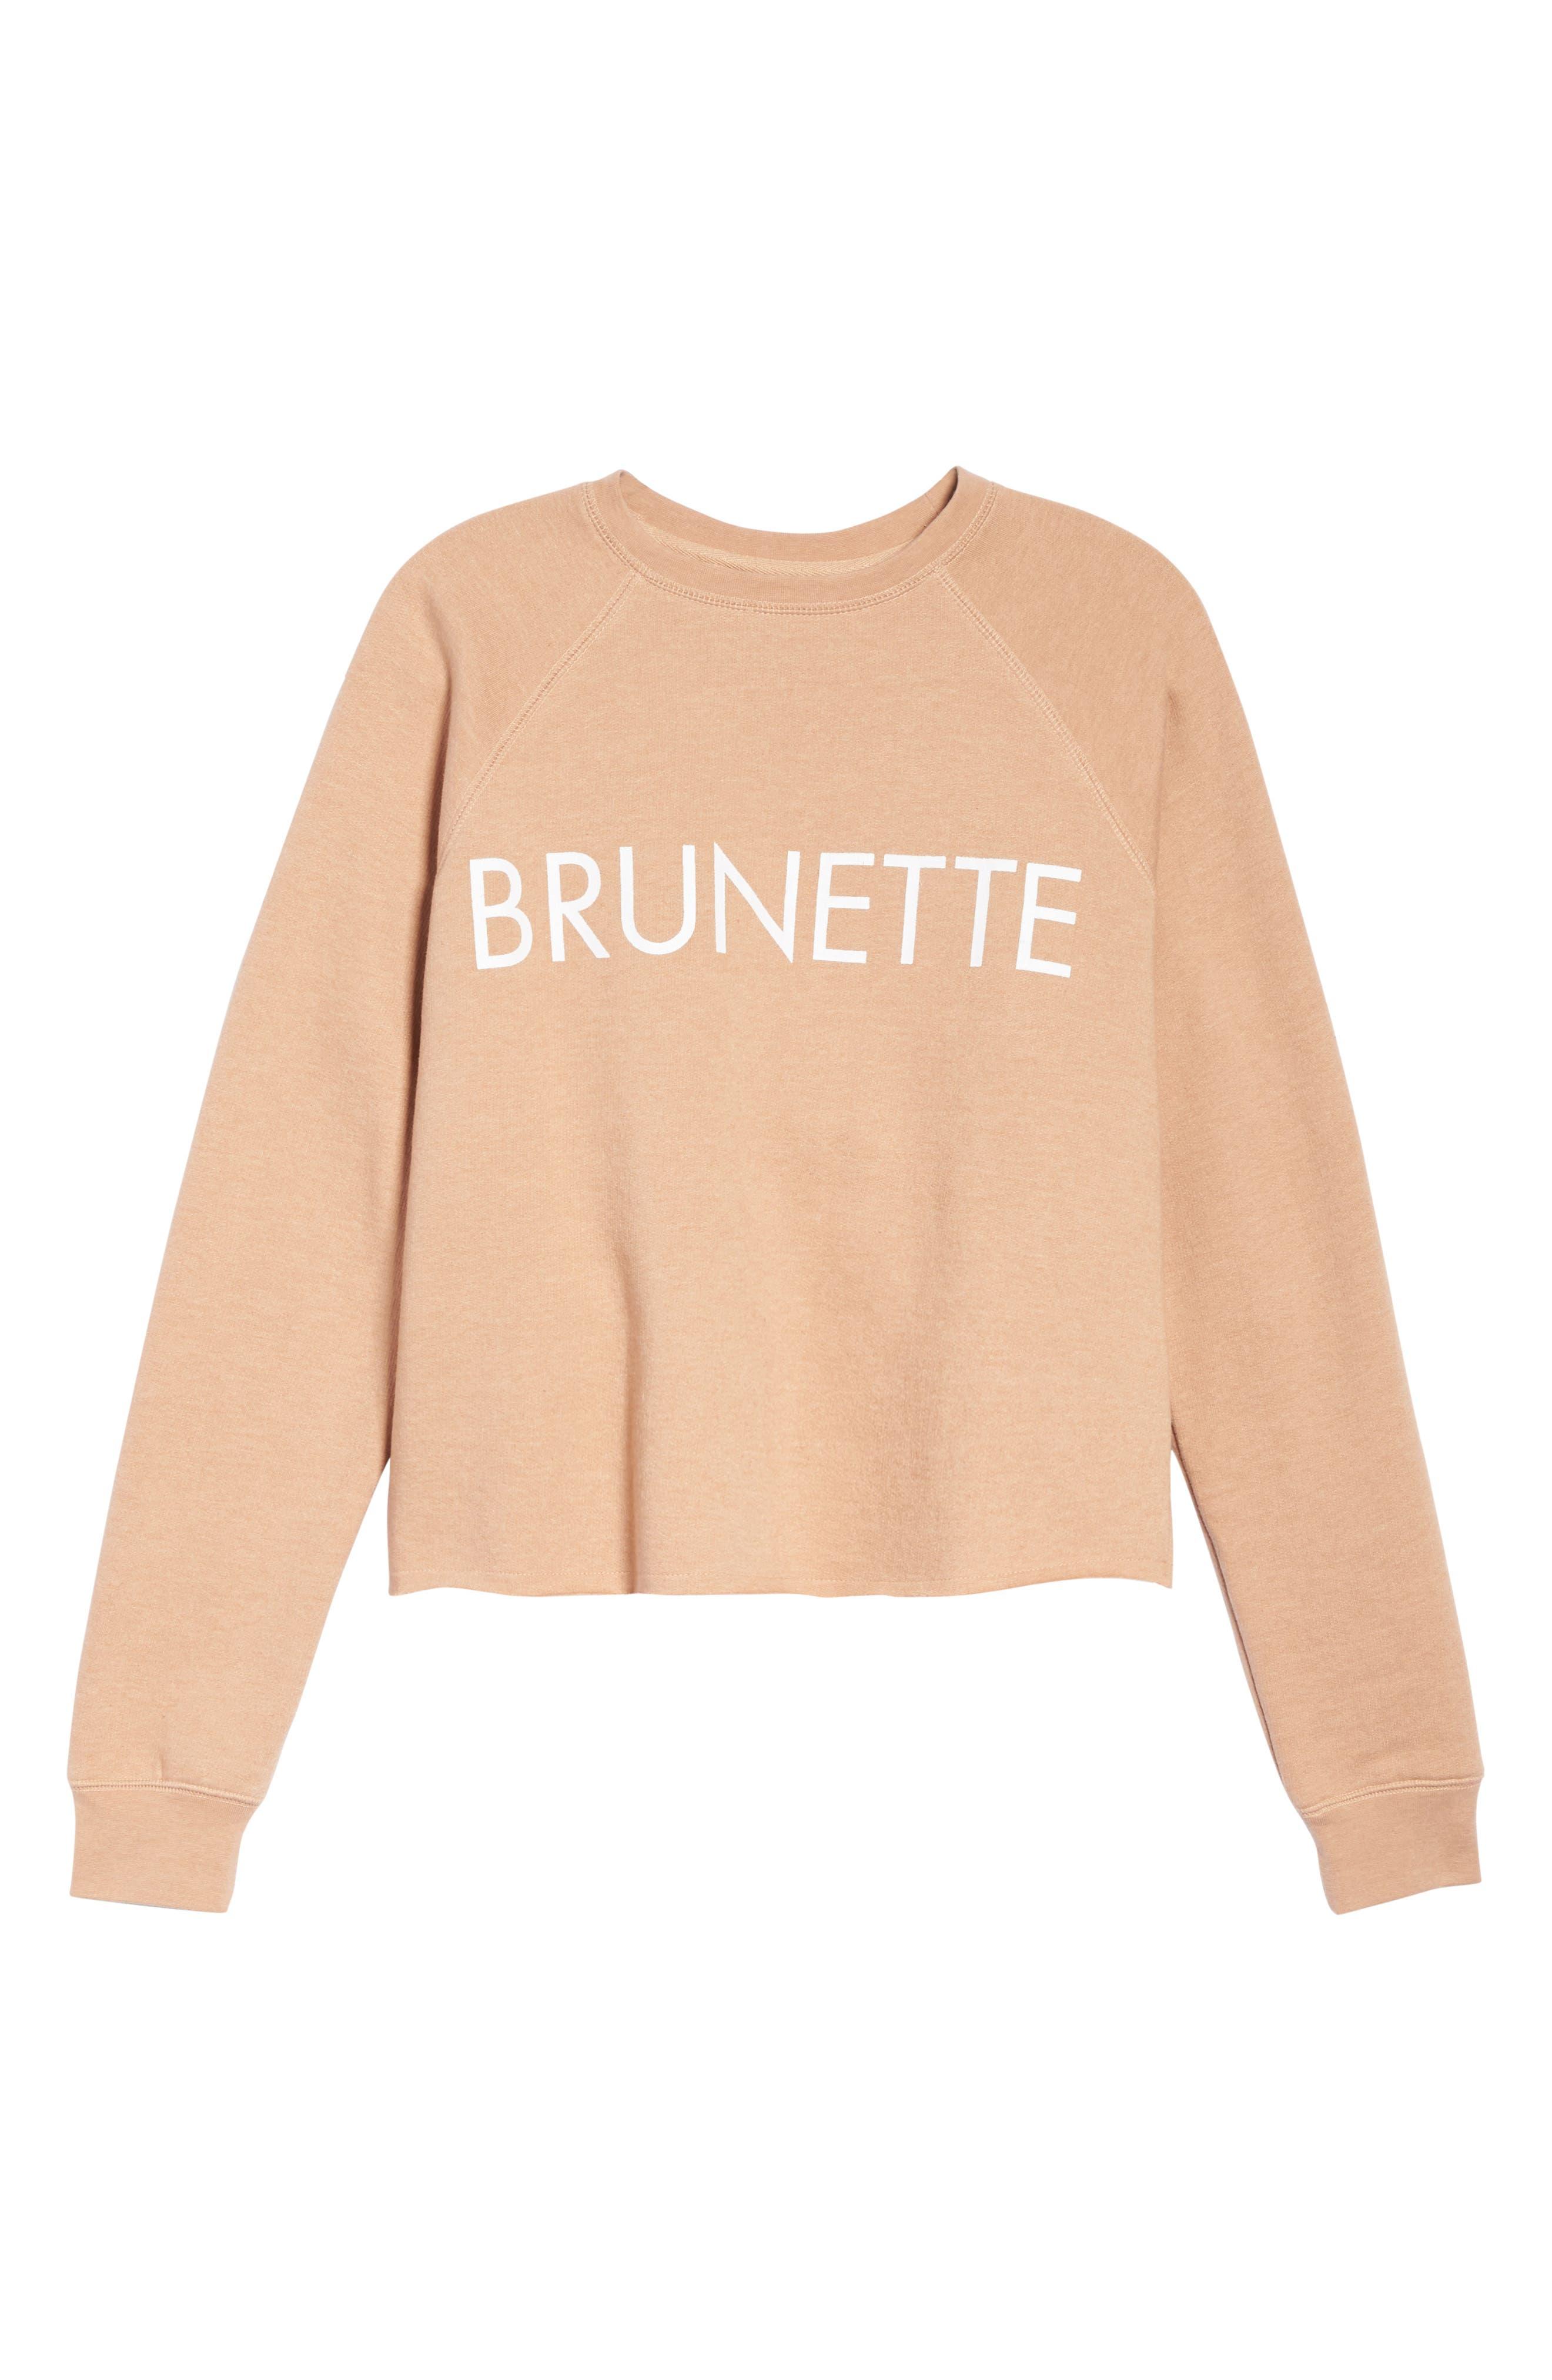 Alternate Image 4  - BRUNETTE the Label Middle Sister Brunette Sweatshirt